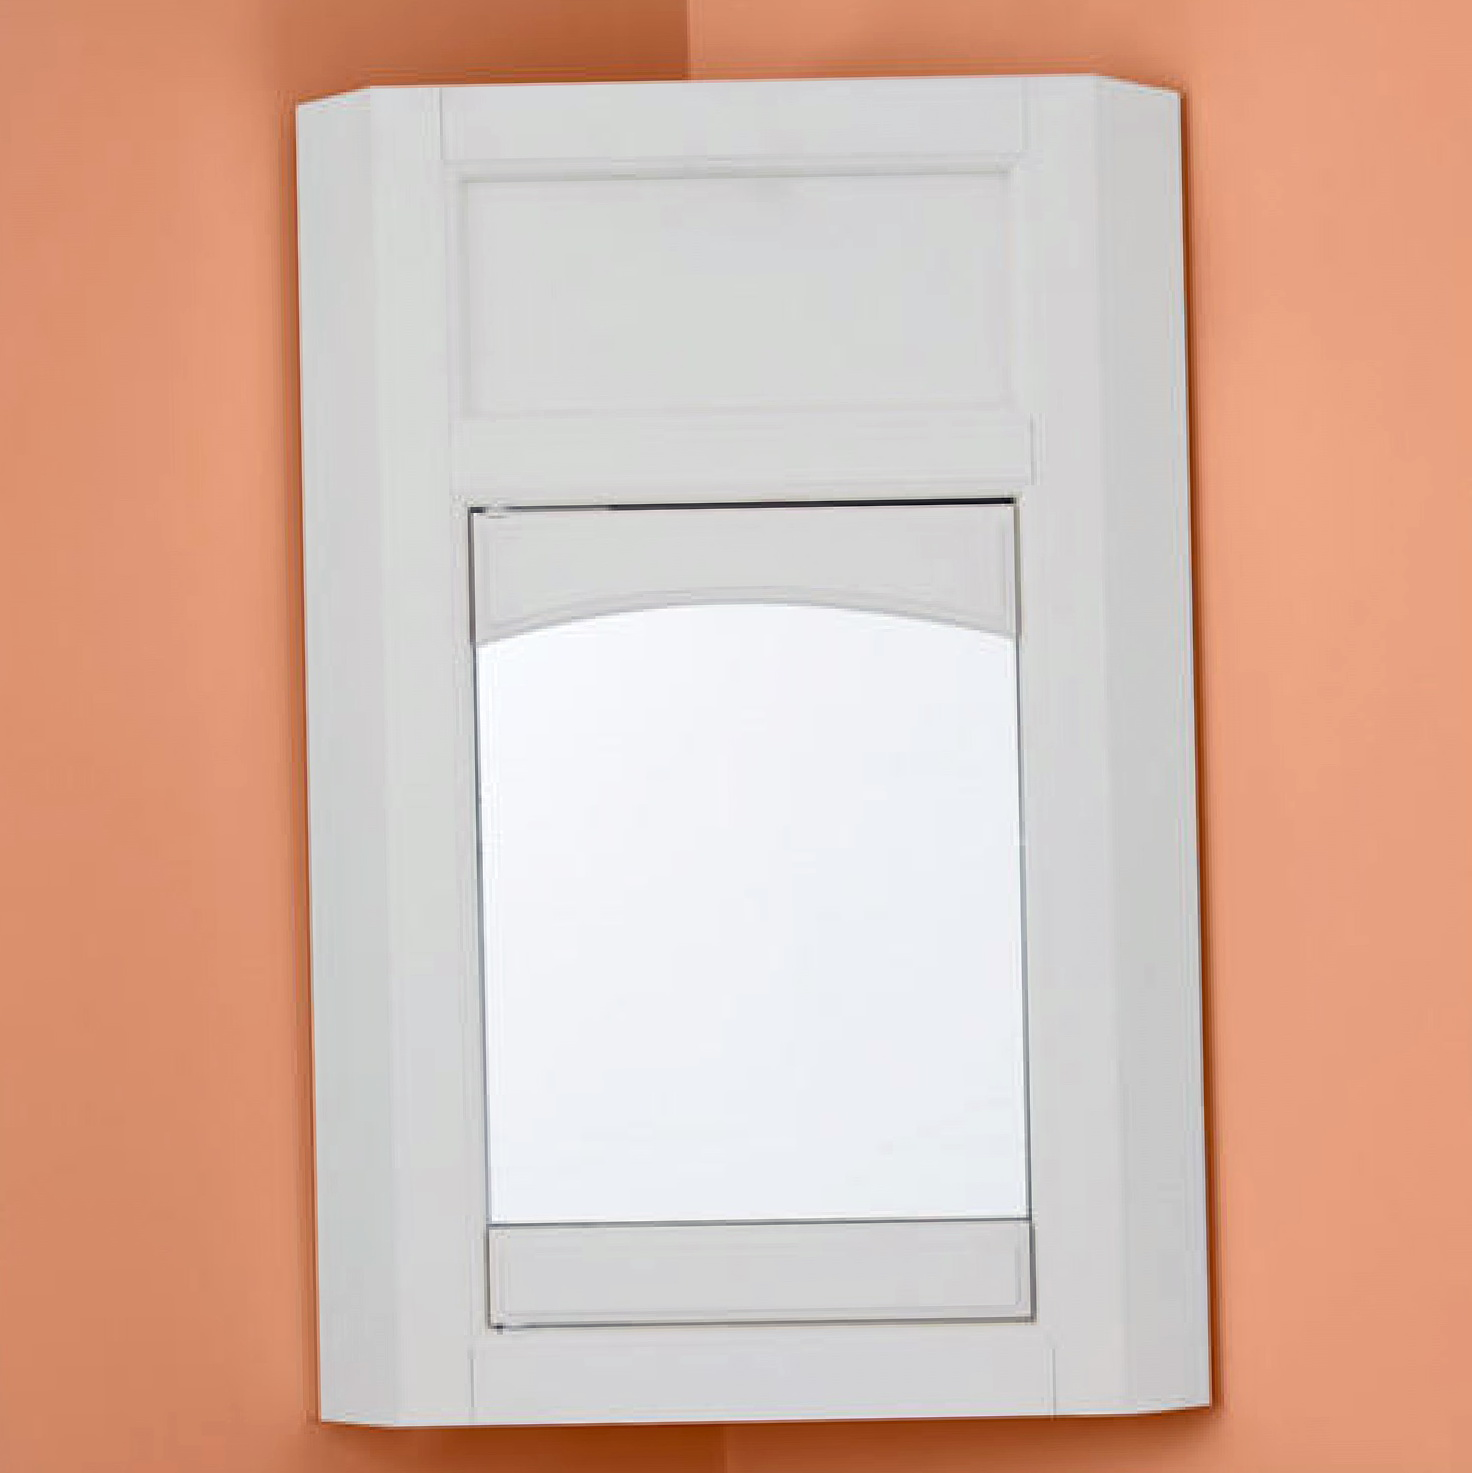 Small Medicine Cabinet No Mirror